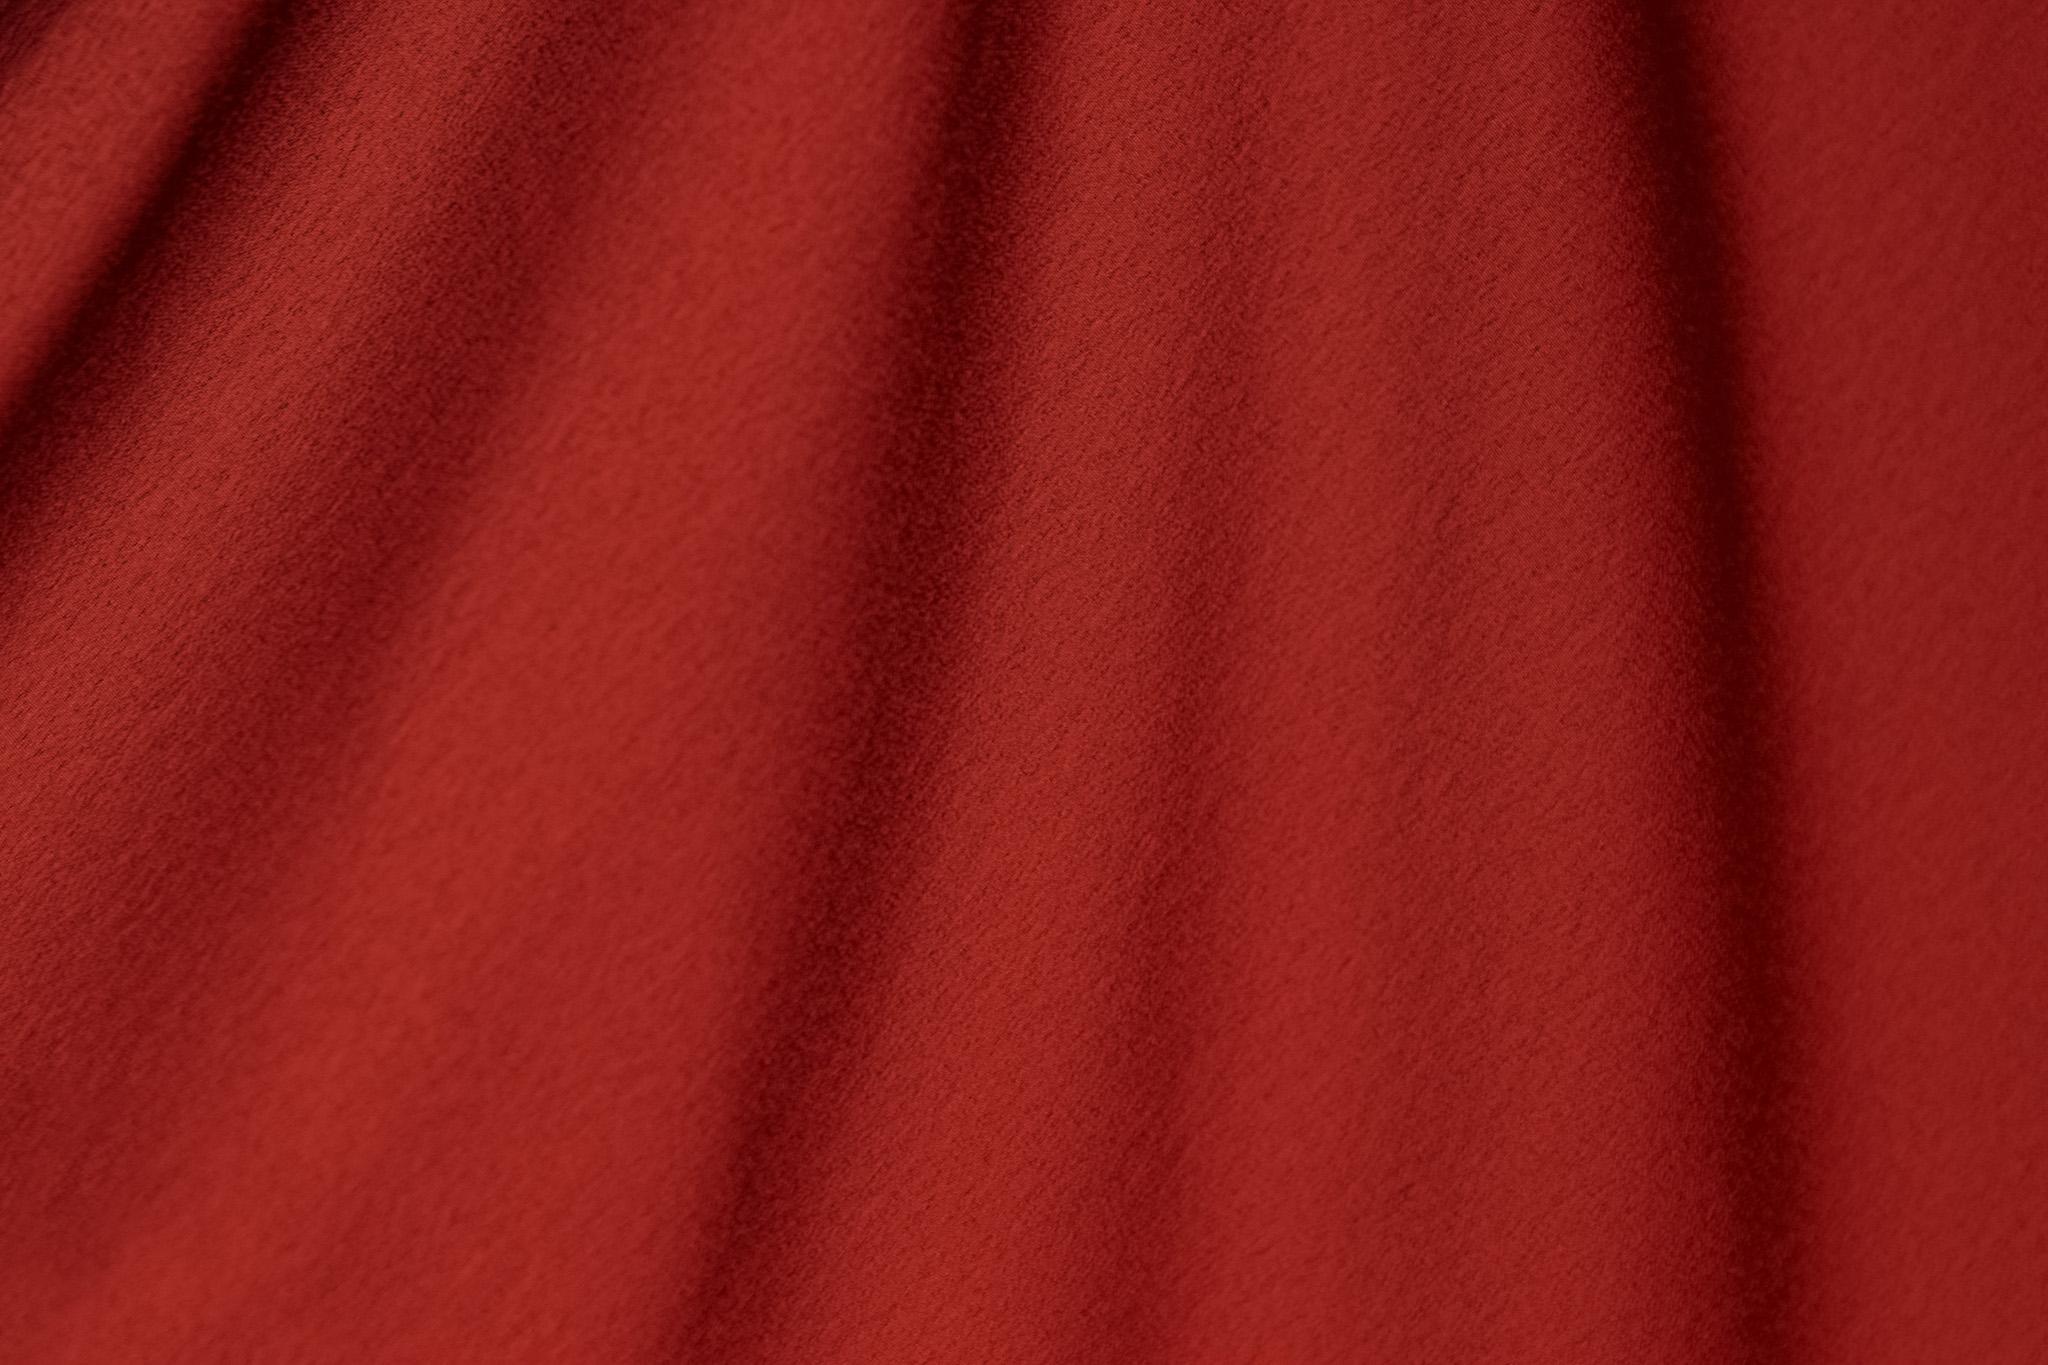 「幕のように垂れ下がる赤い布」